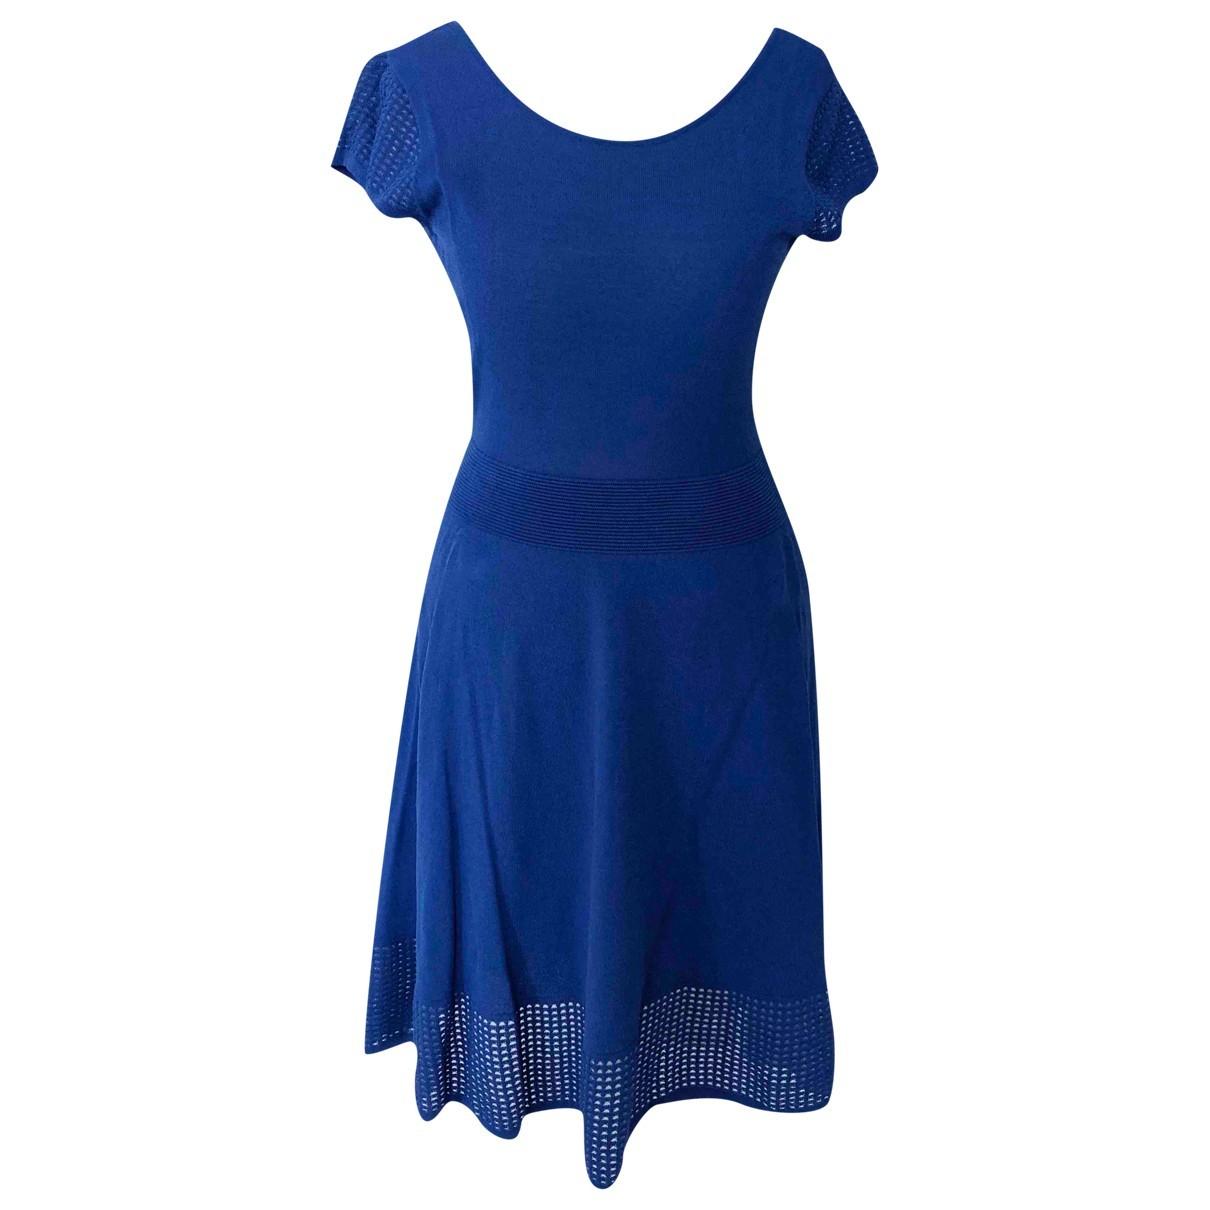 Claudie Pierlot Fall Winter 2019 Kleid in  Blau Viskose